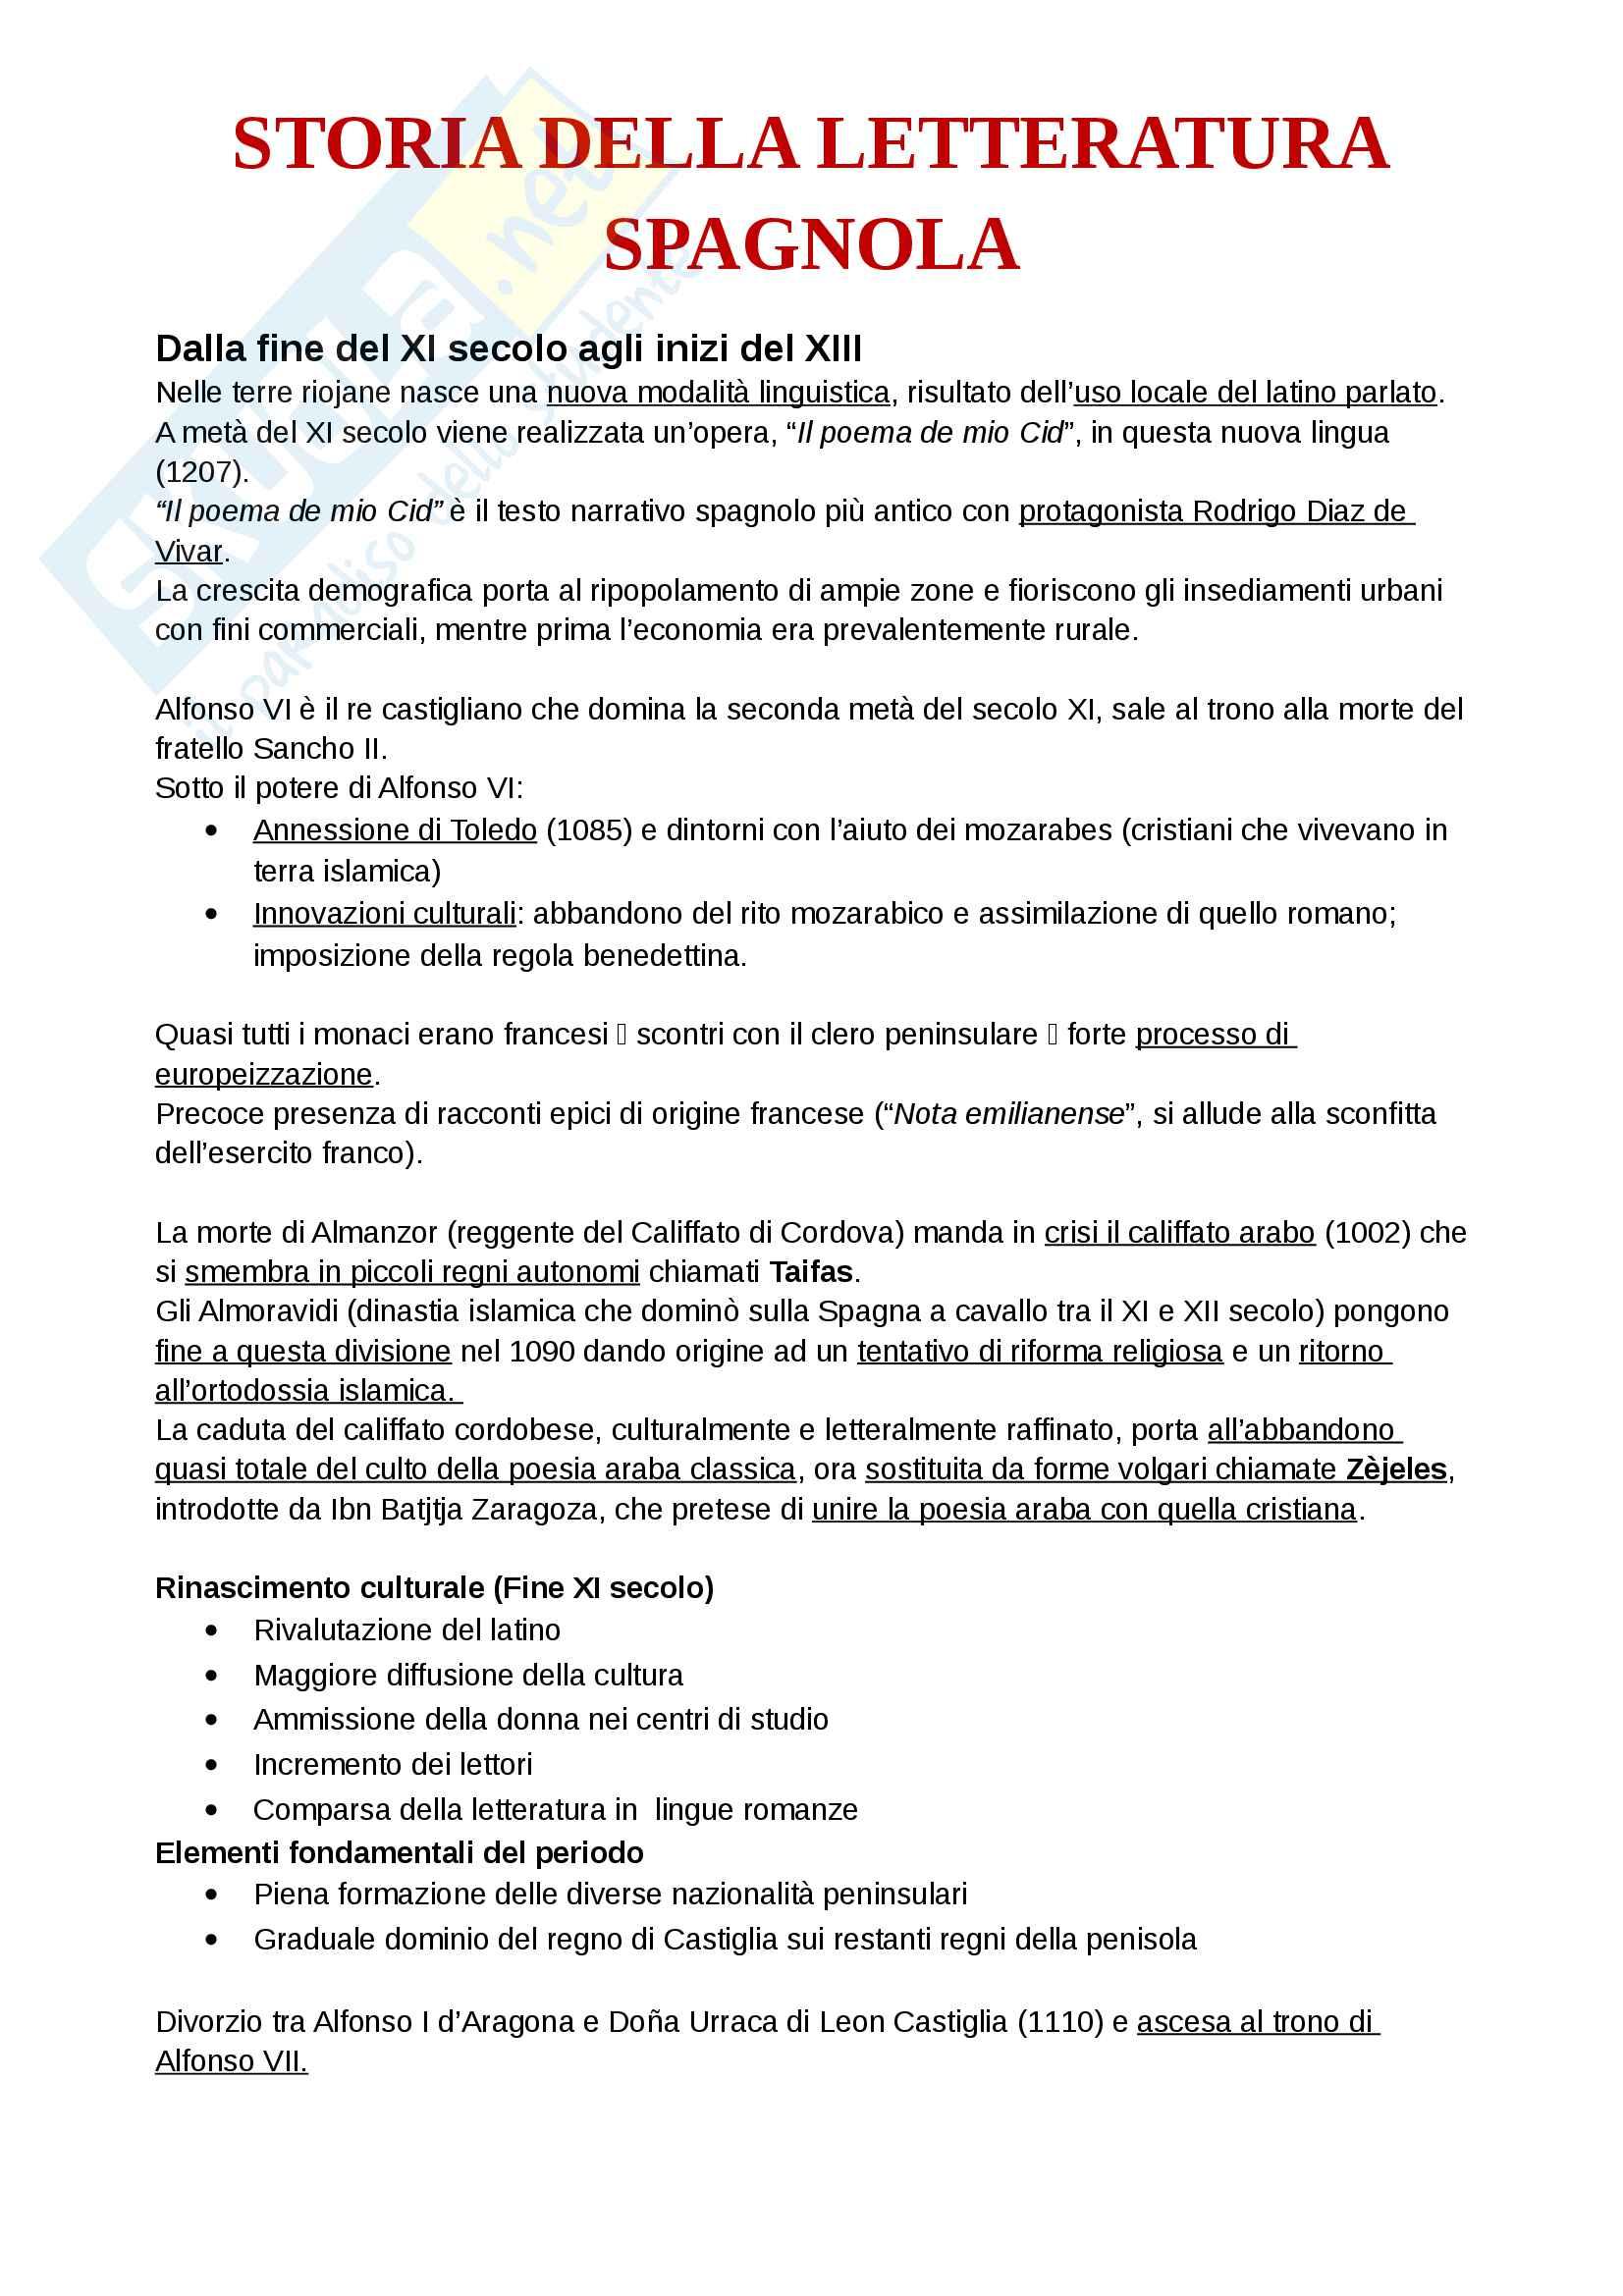 Letteratura Spagnola: Il Medioevo | Unicatt Milano